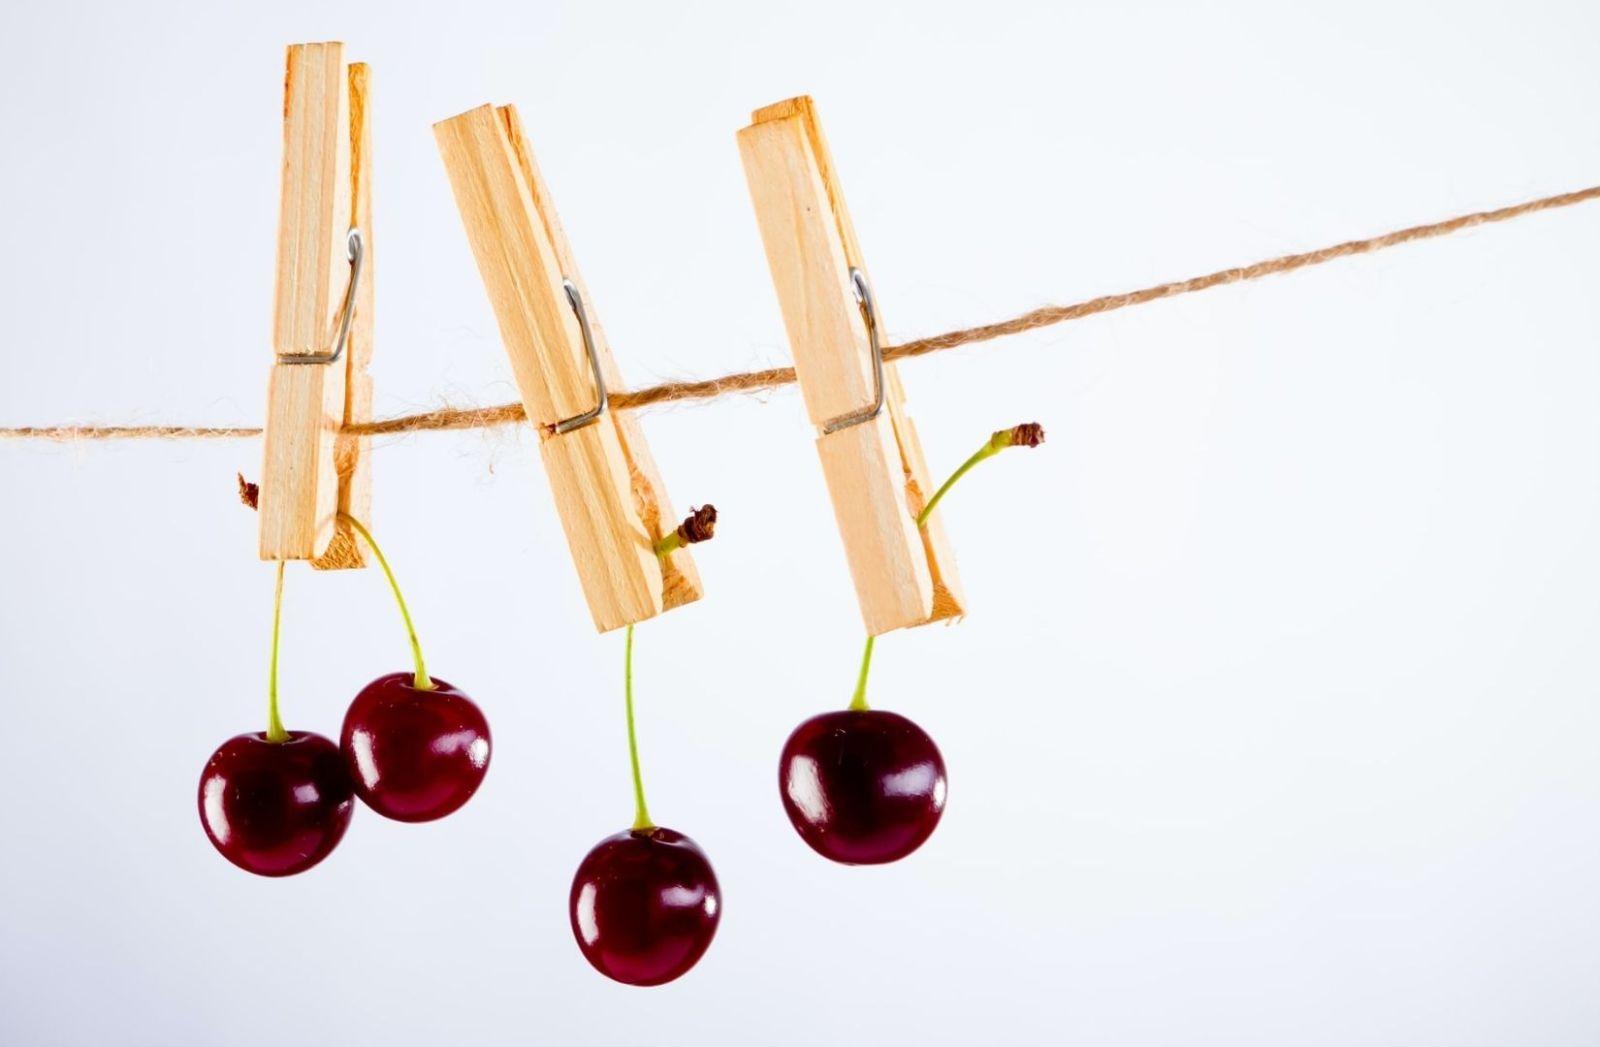 Kirschen sind keine Claqueure. (Foto: Raimond Klavins, Unsplash.com)